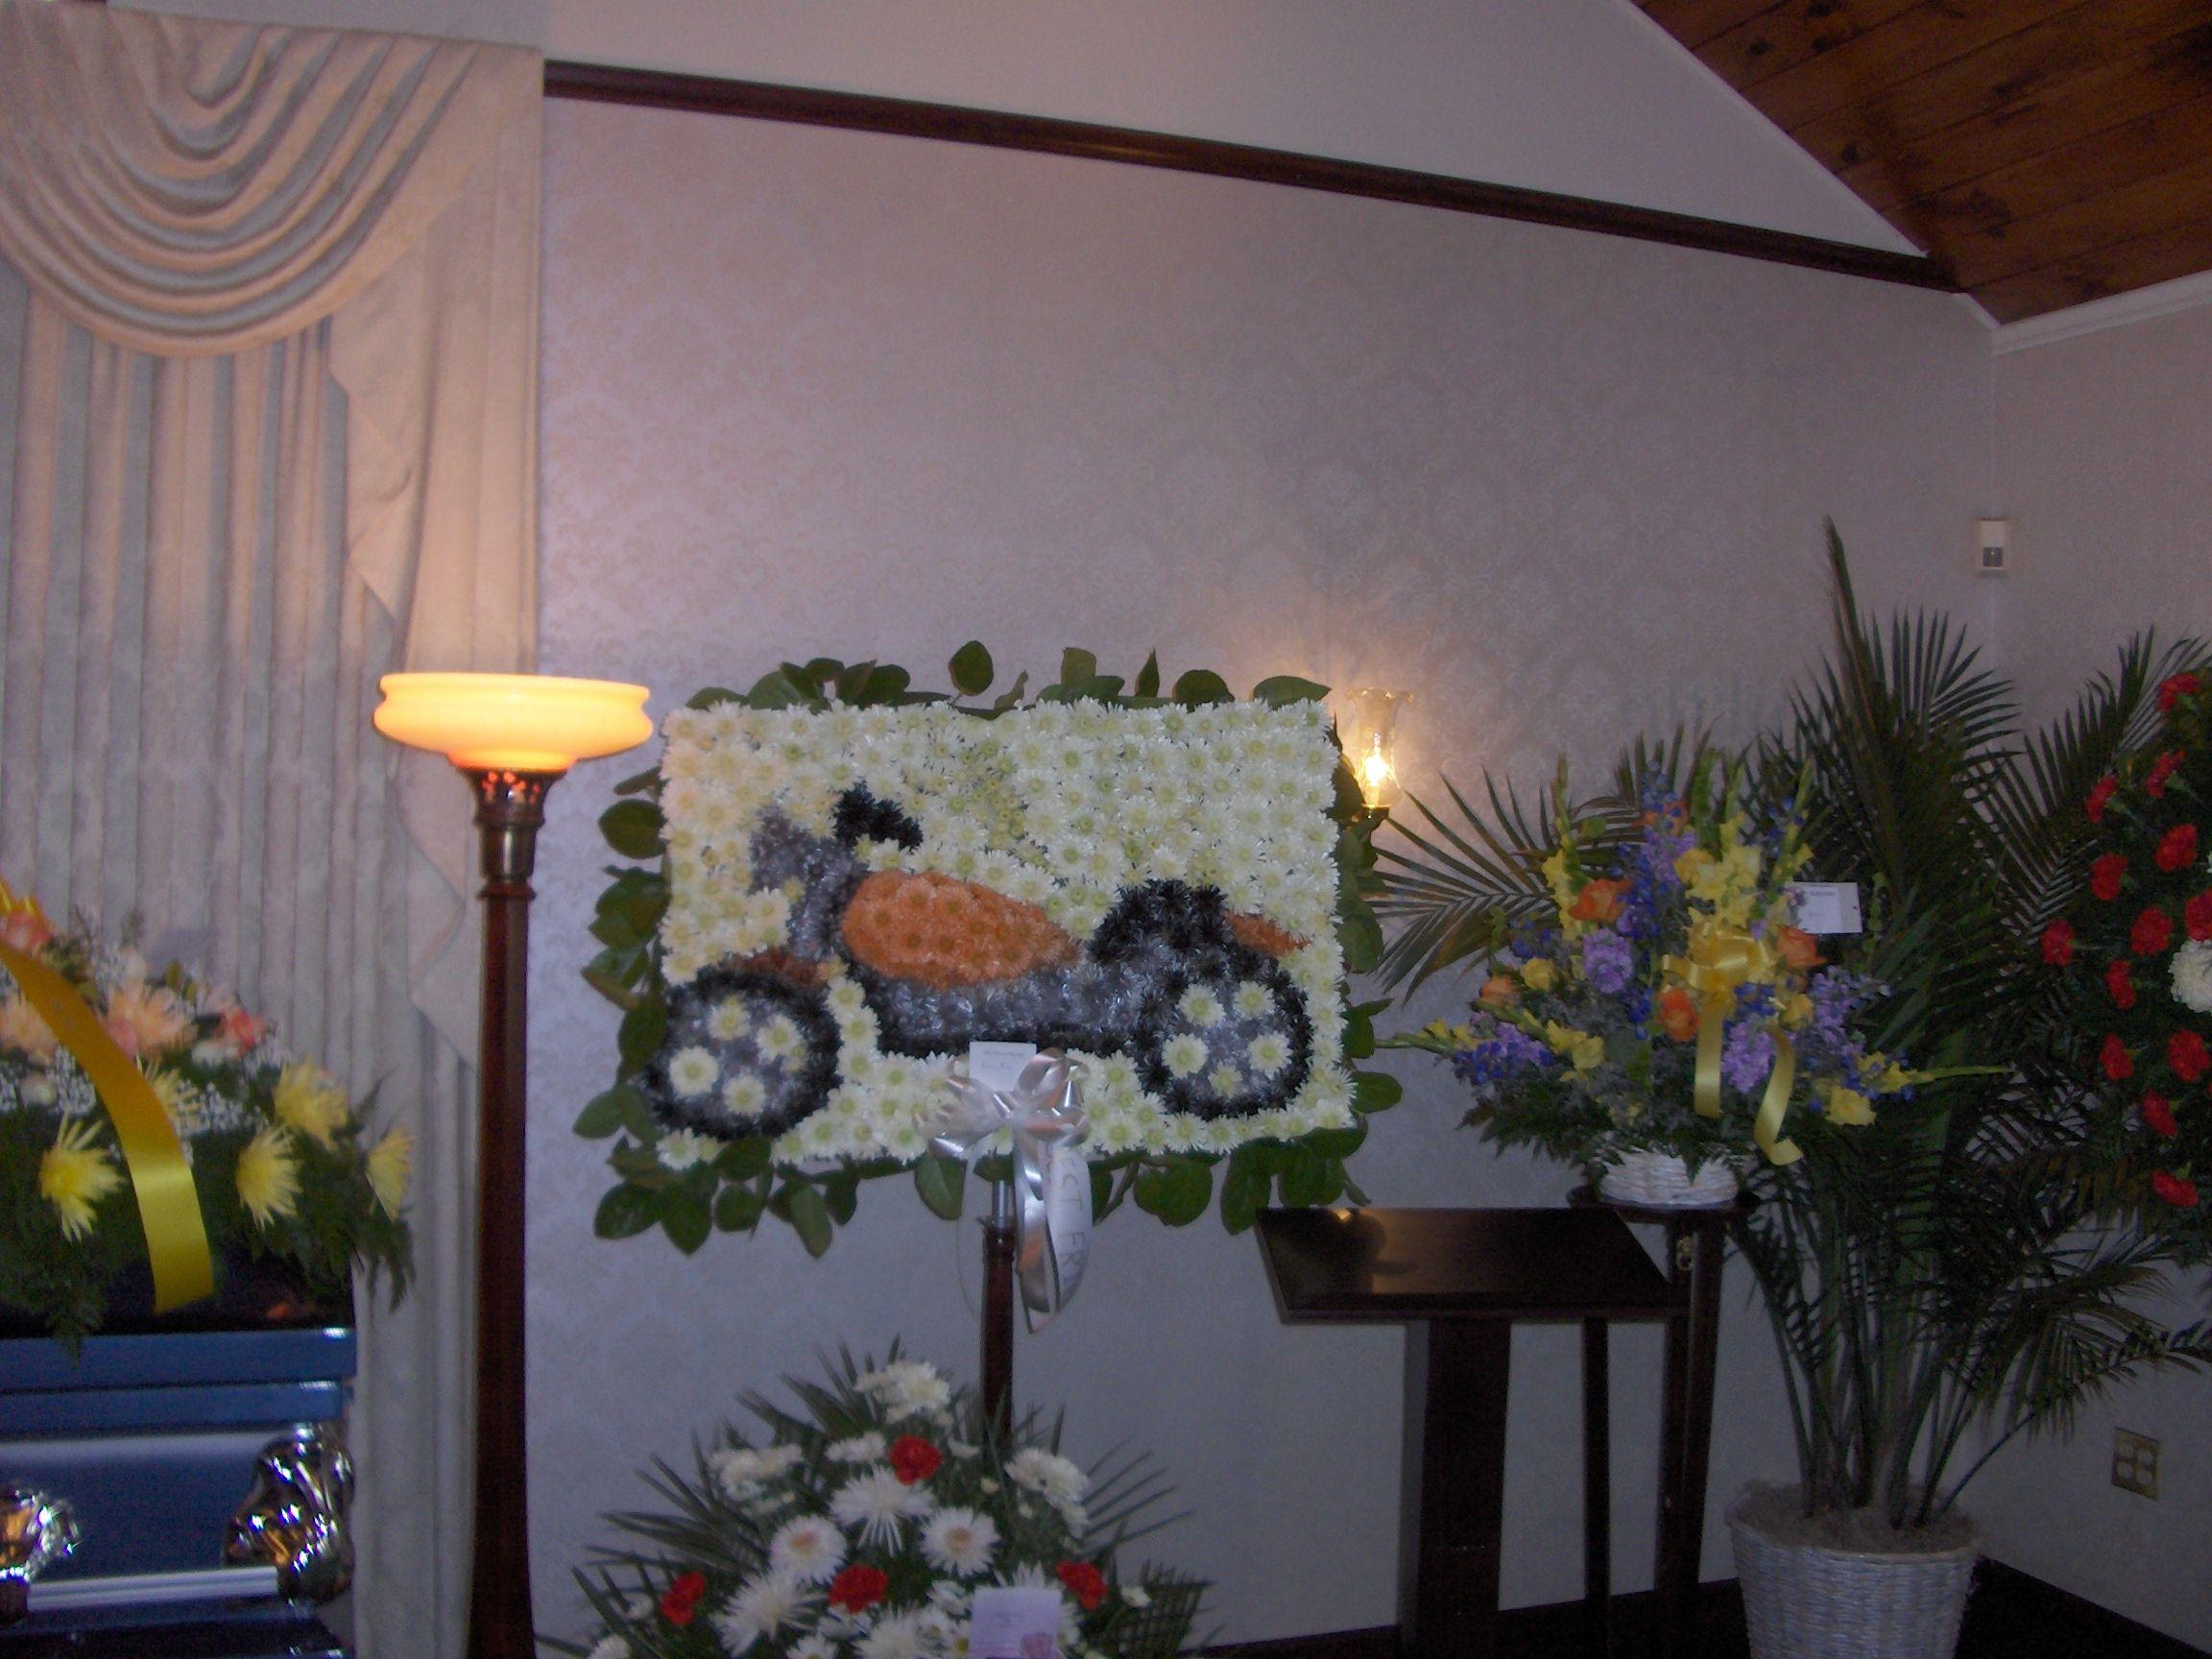 Custom funeral flowers by wallingford flowers wallingford ct custom funeral flowers by wallingford flowers wallingford ct motorcycle izmirmasajfo